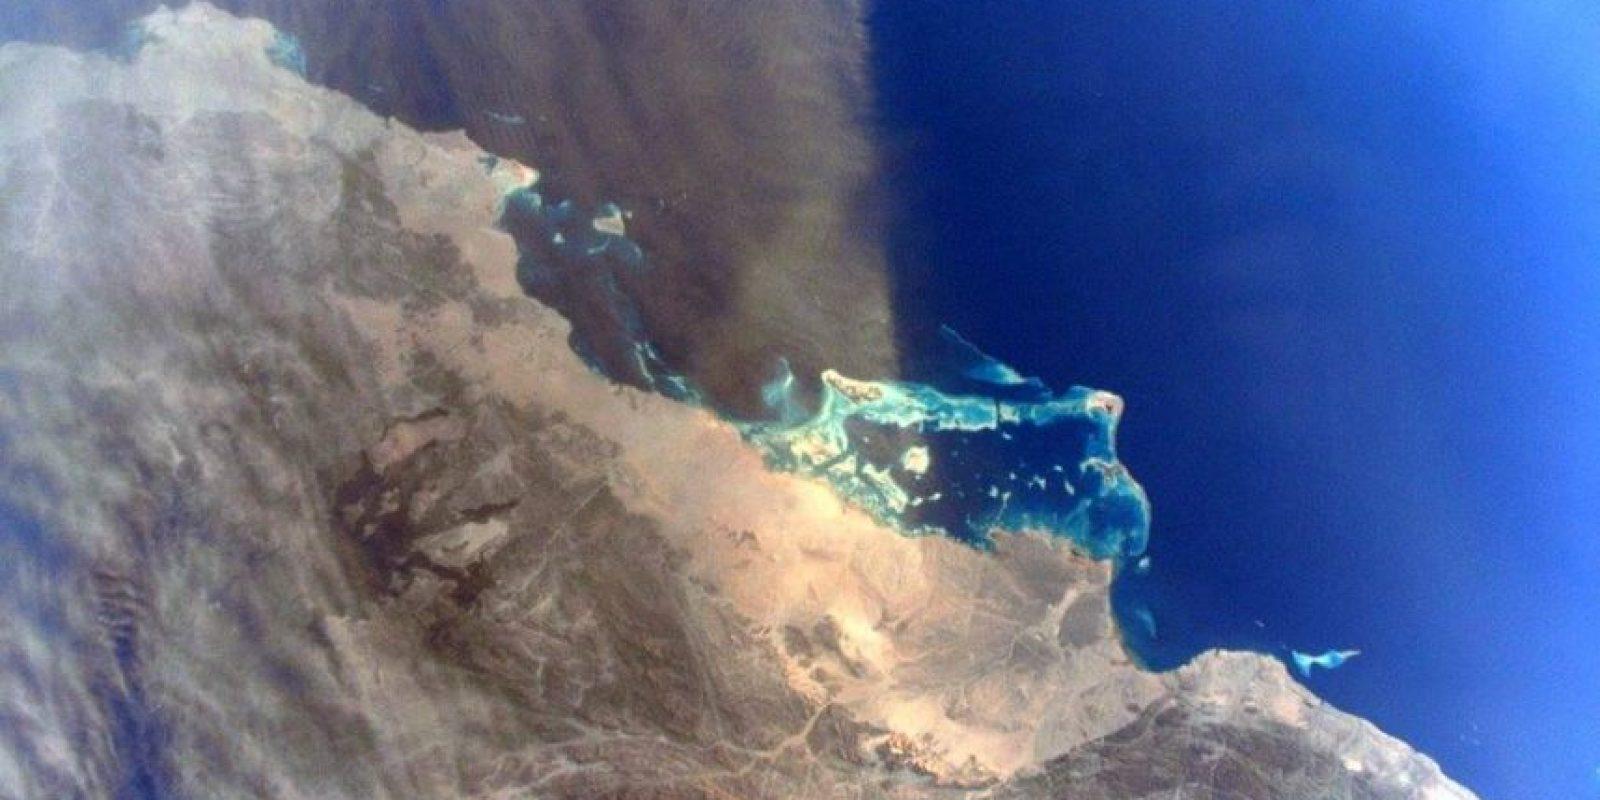 Tormenta de arena en el Mar Rojo Foto:Facebook.com/pages/NASA-Astronaut-Scott-Kelly